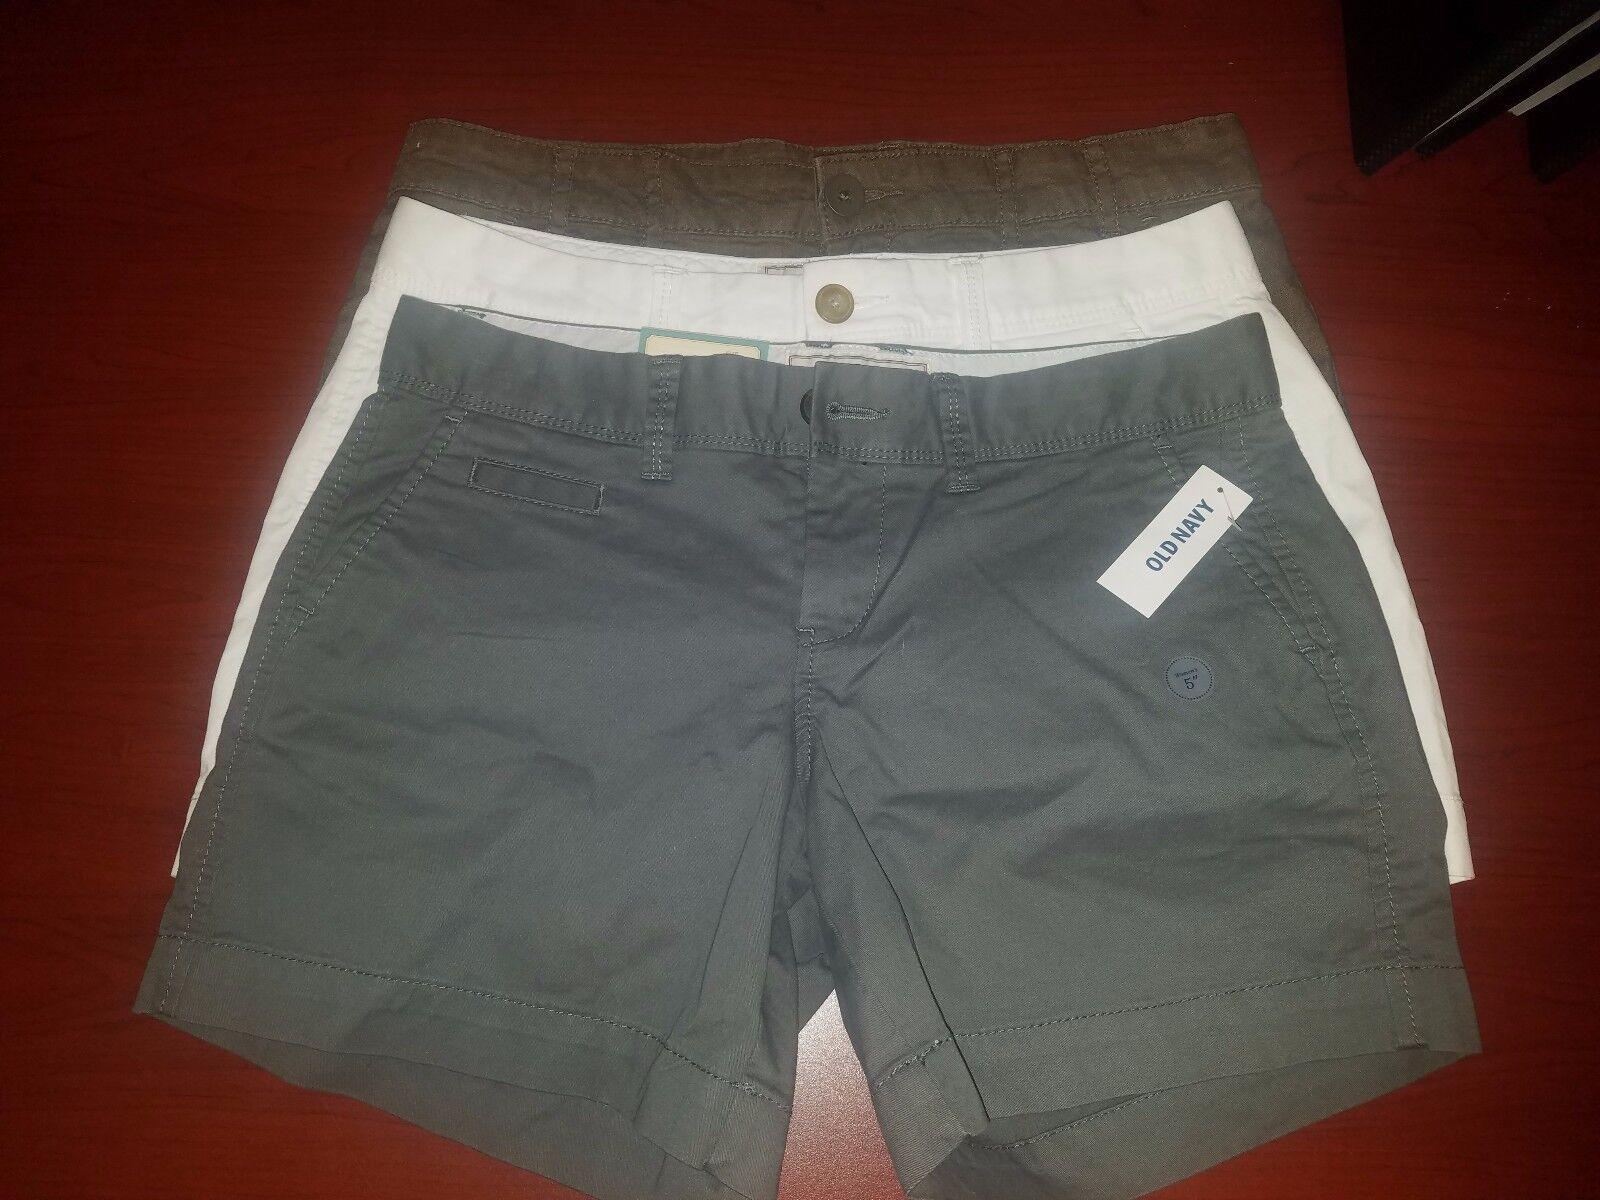 NWT - shorts 5 inch inseam Gap Old Navy Linen Cotton White   Grey   brown Sz 2 4